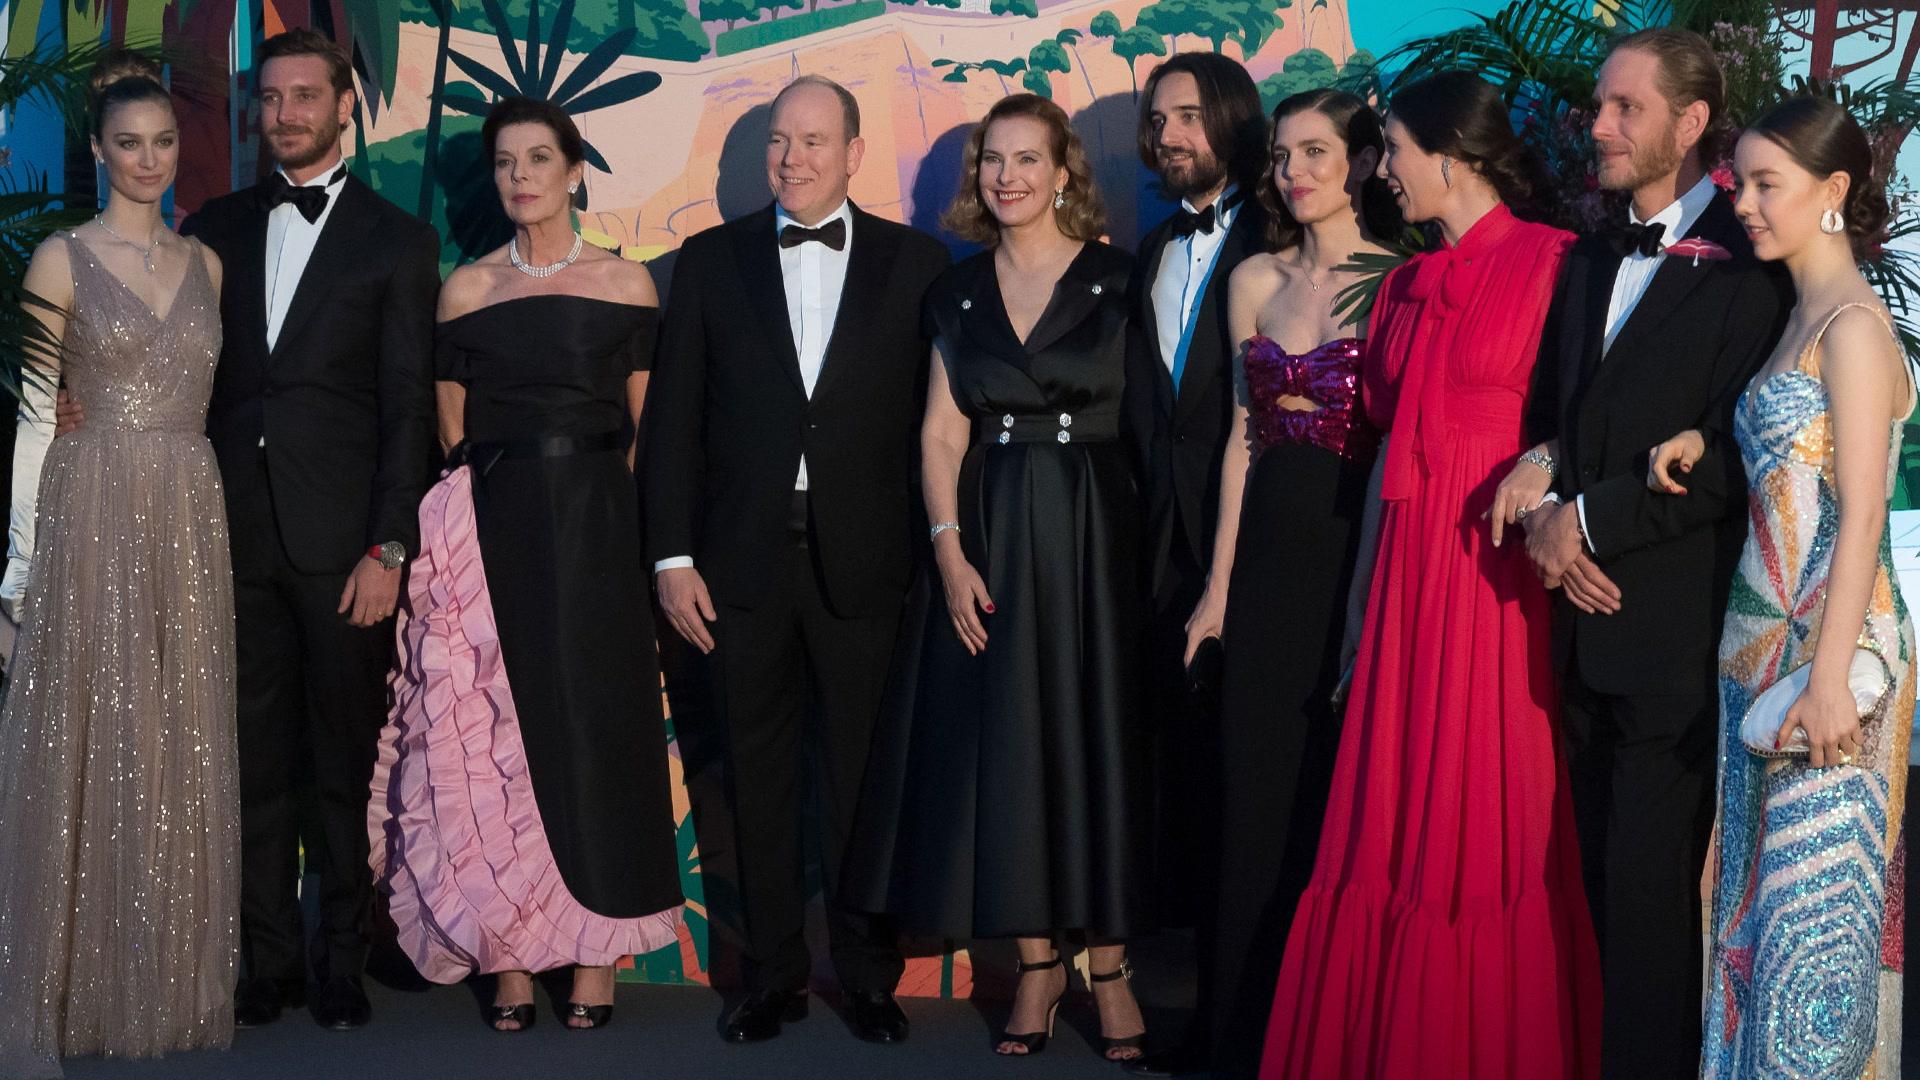 Anécdotas del Baile de la Rosa 2019